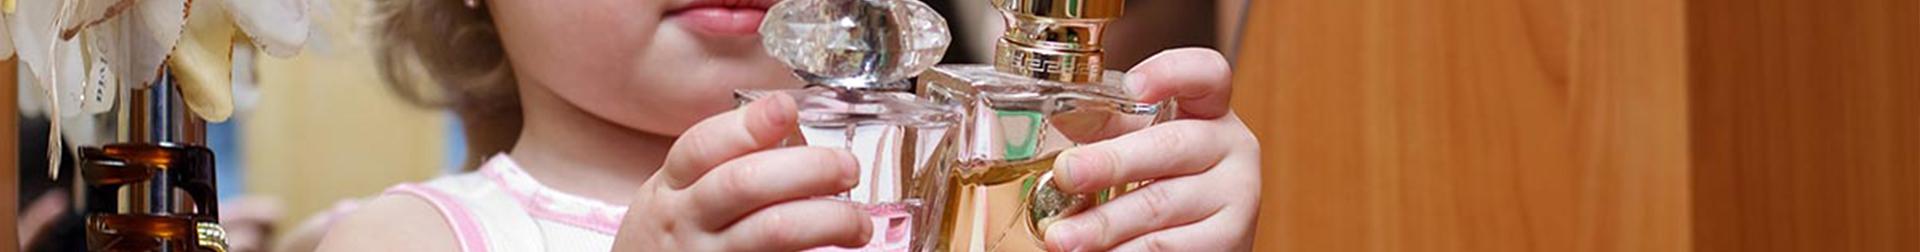 Eau de Parfum | Buy Best Eau de Parfum For Kids | Aromacraze.com